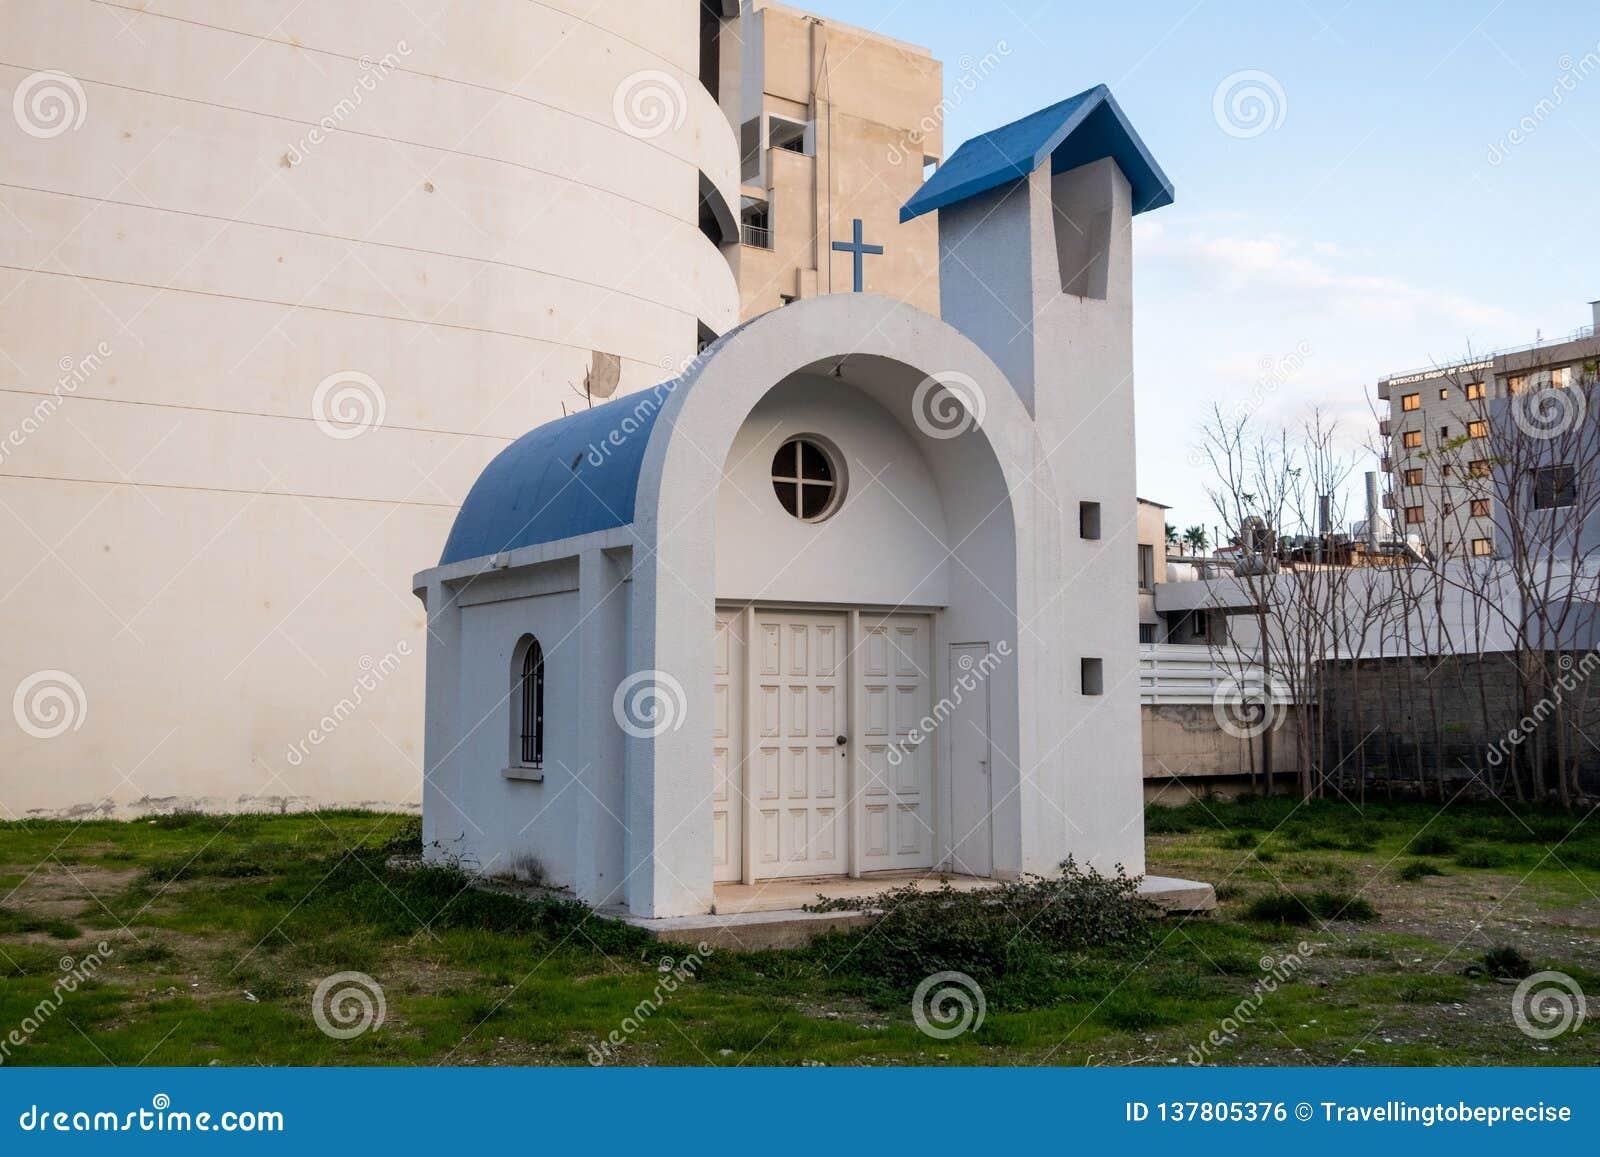 Il più minuscolo delle chiese, ostruito dalla vista